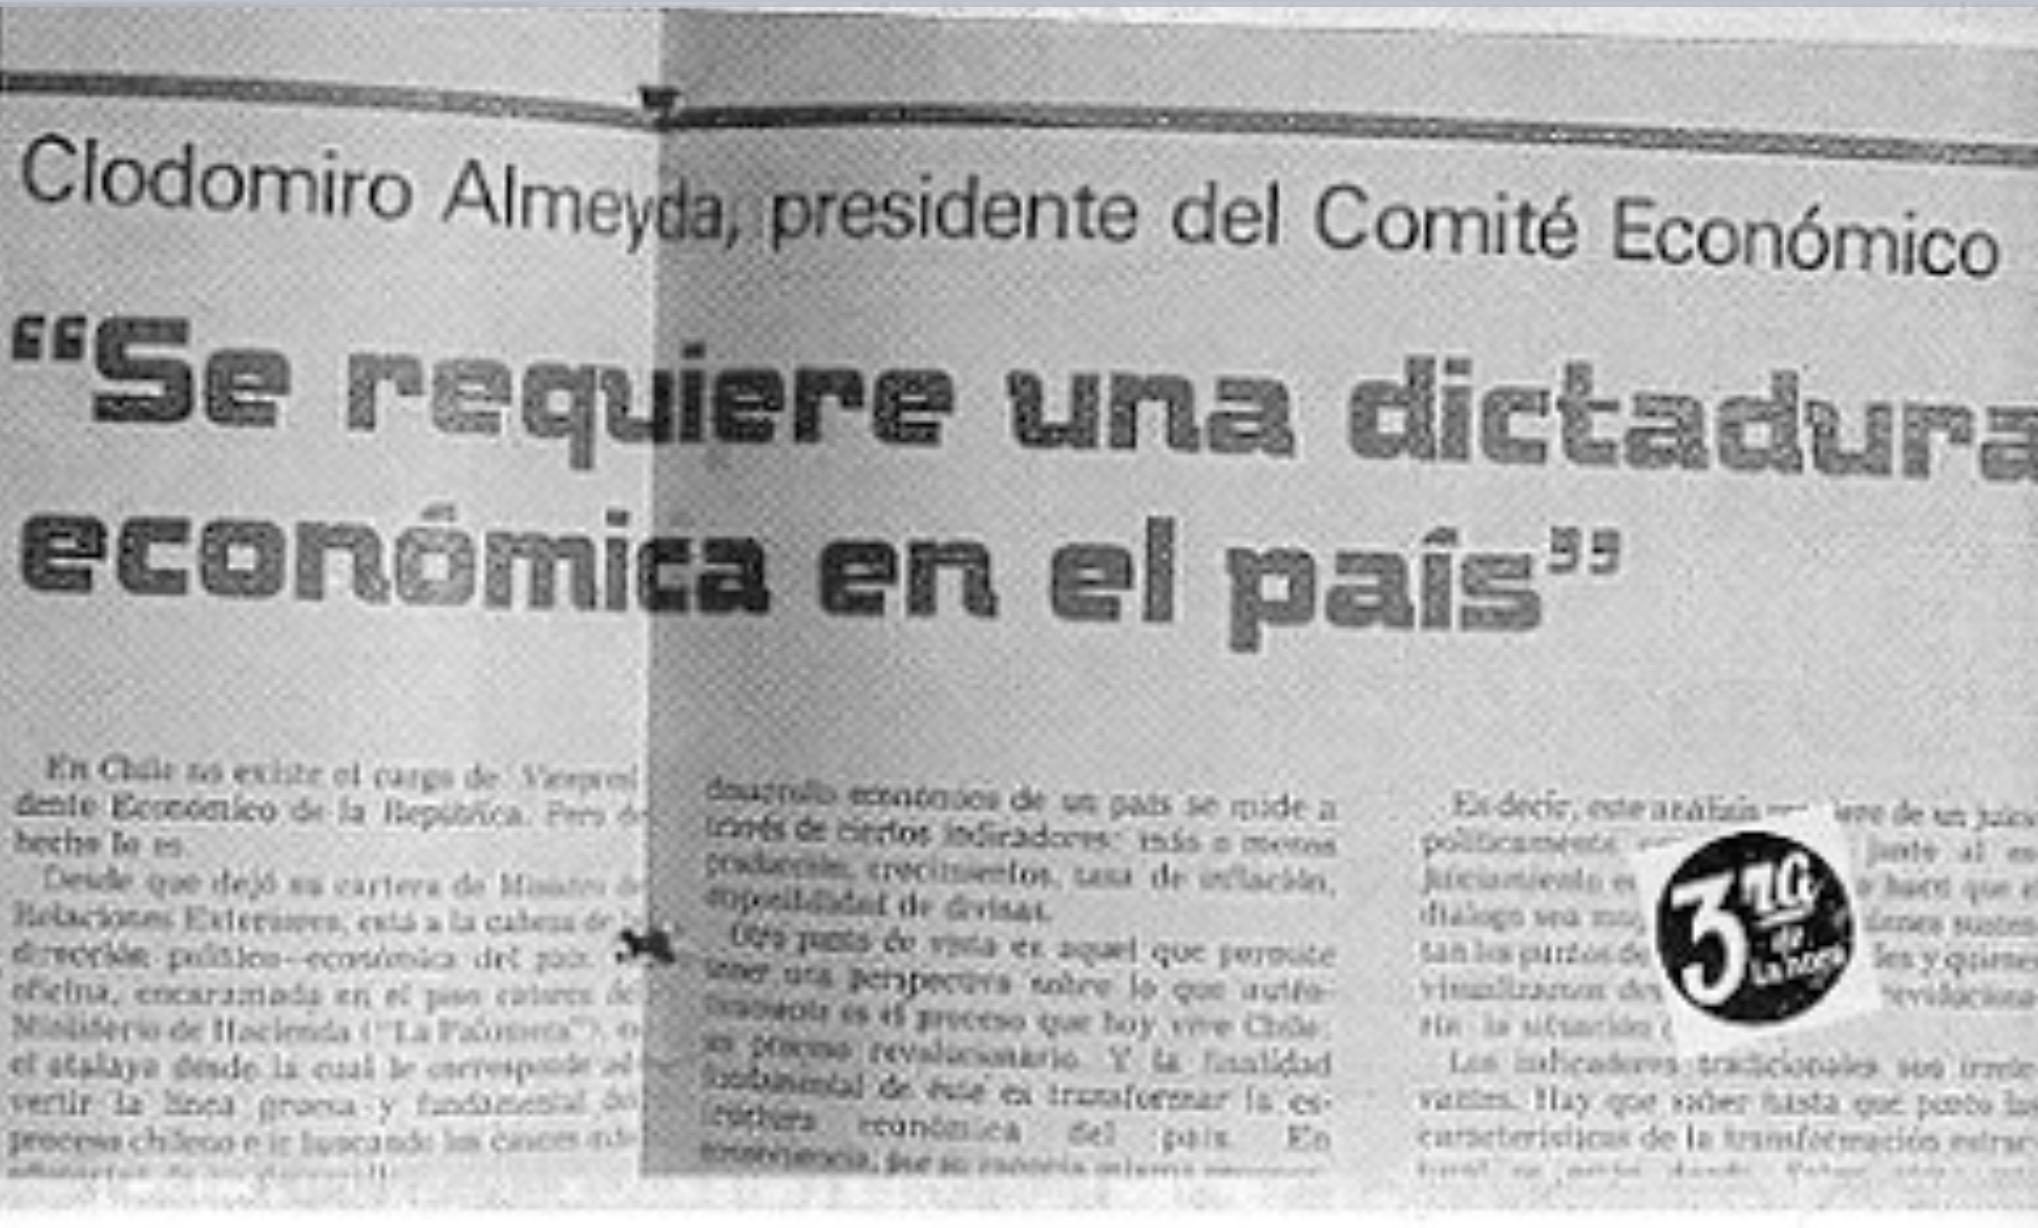 Clodomiro Almeyda fue Secretario General del Partido Socialista